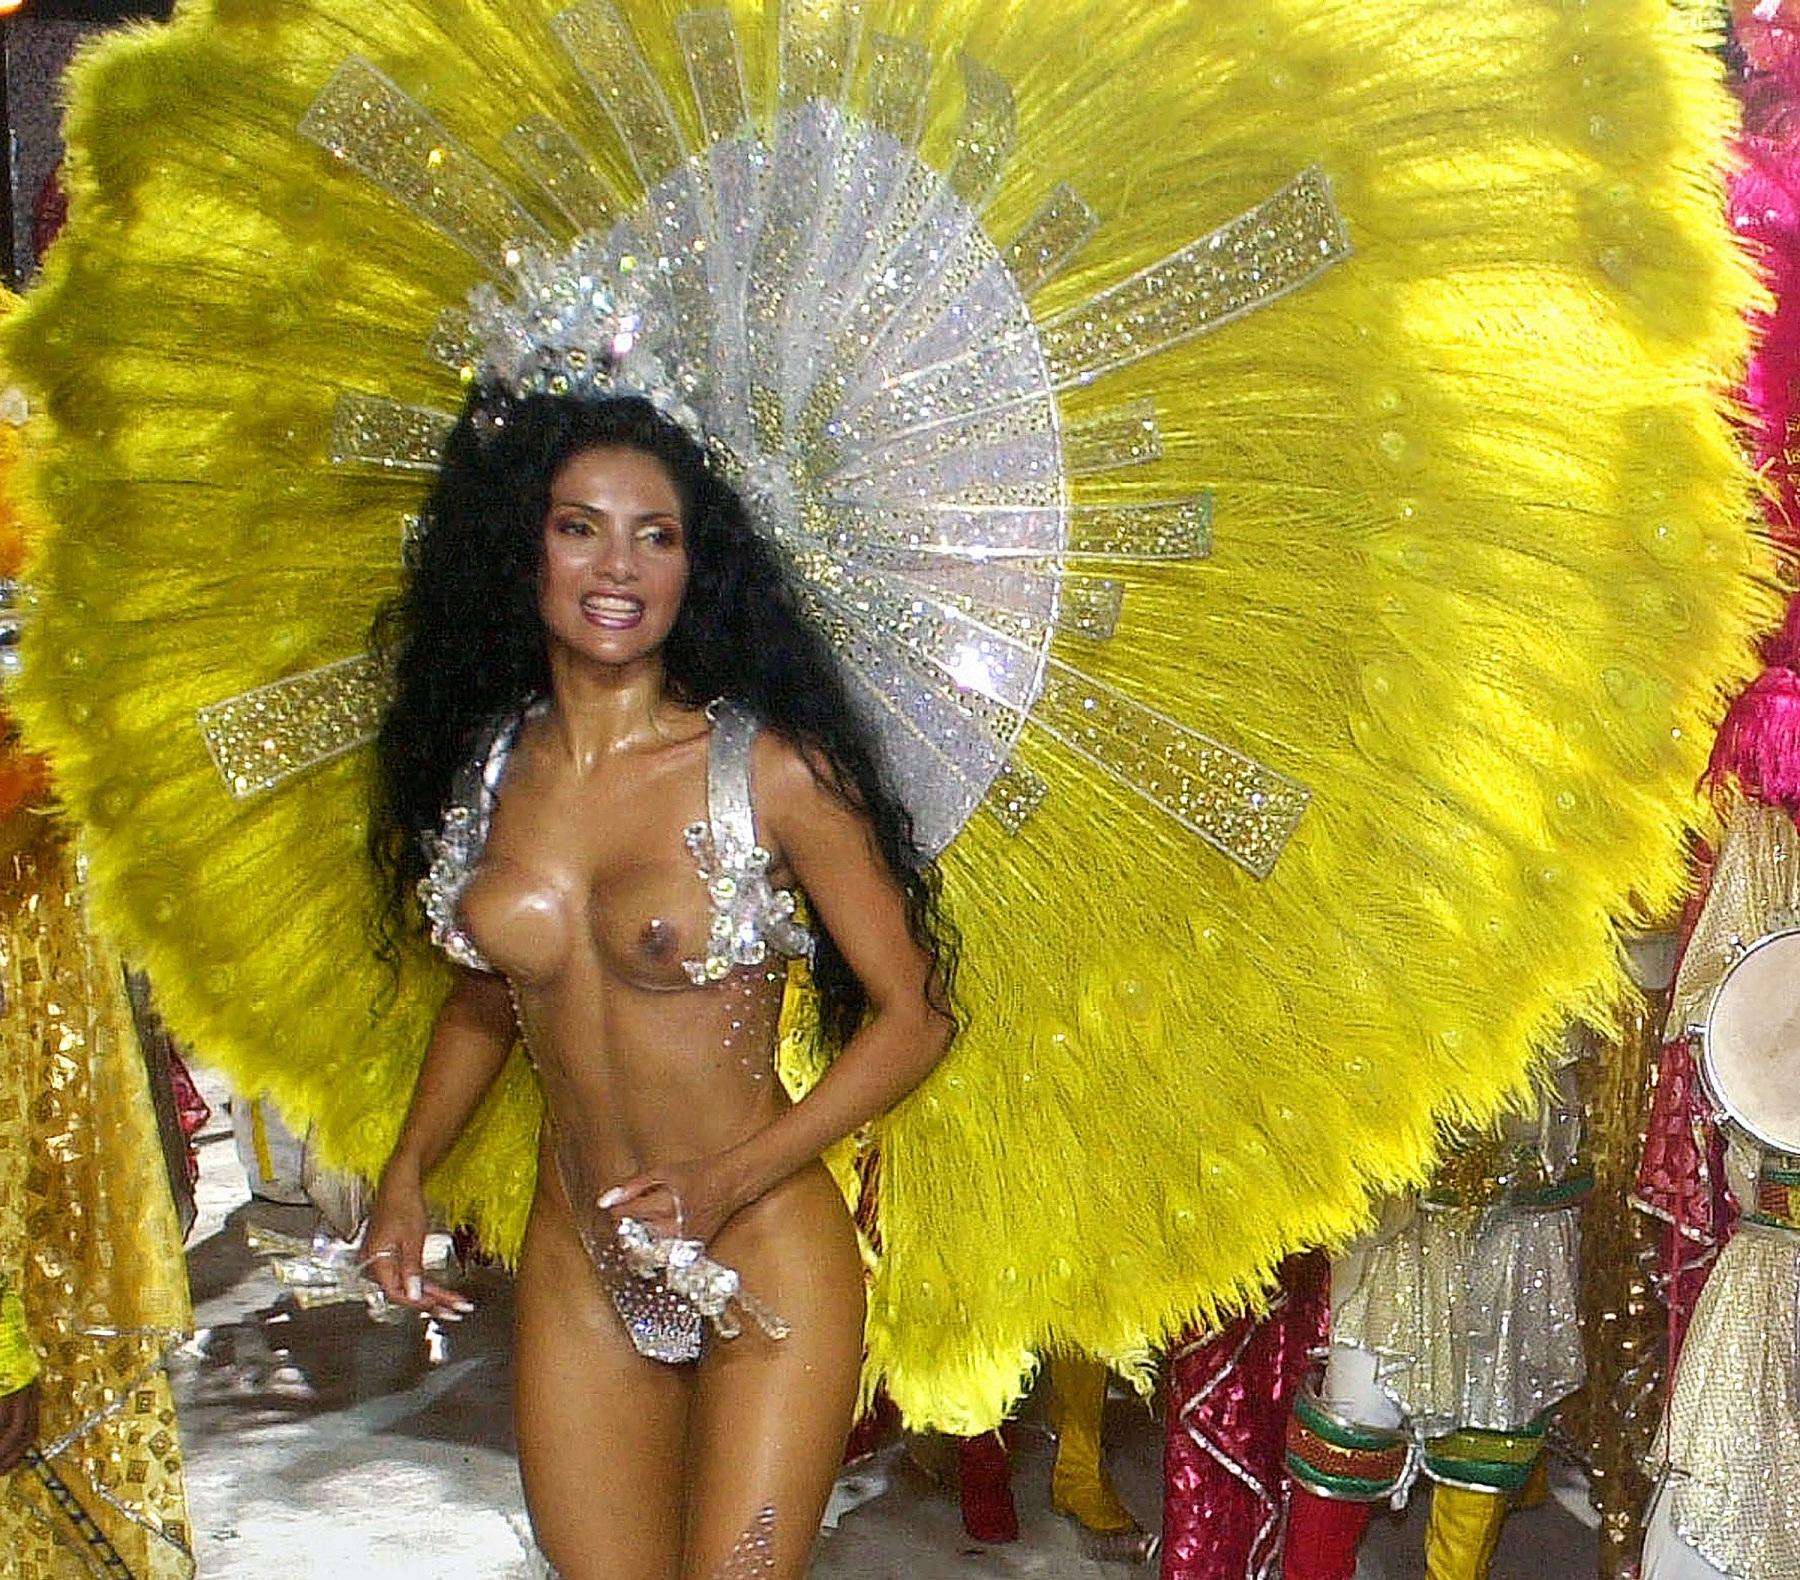 Секс карнавал в бразилии смотреть онлайн 12 фотография